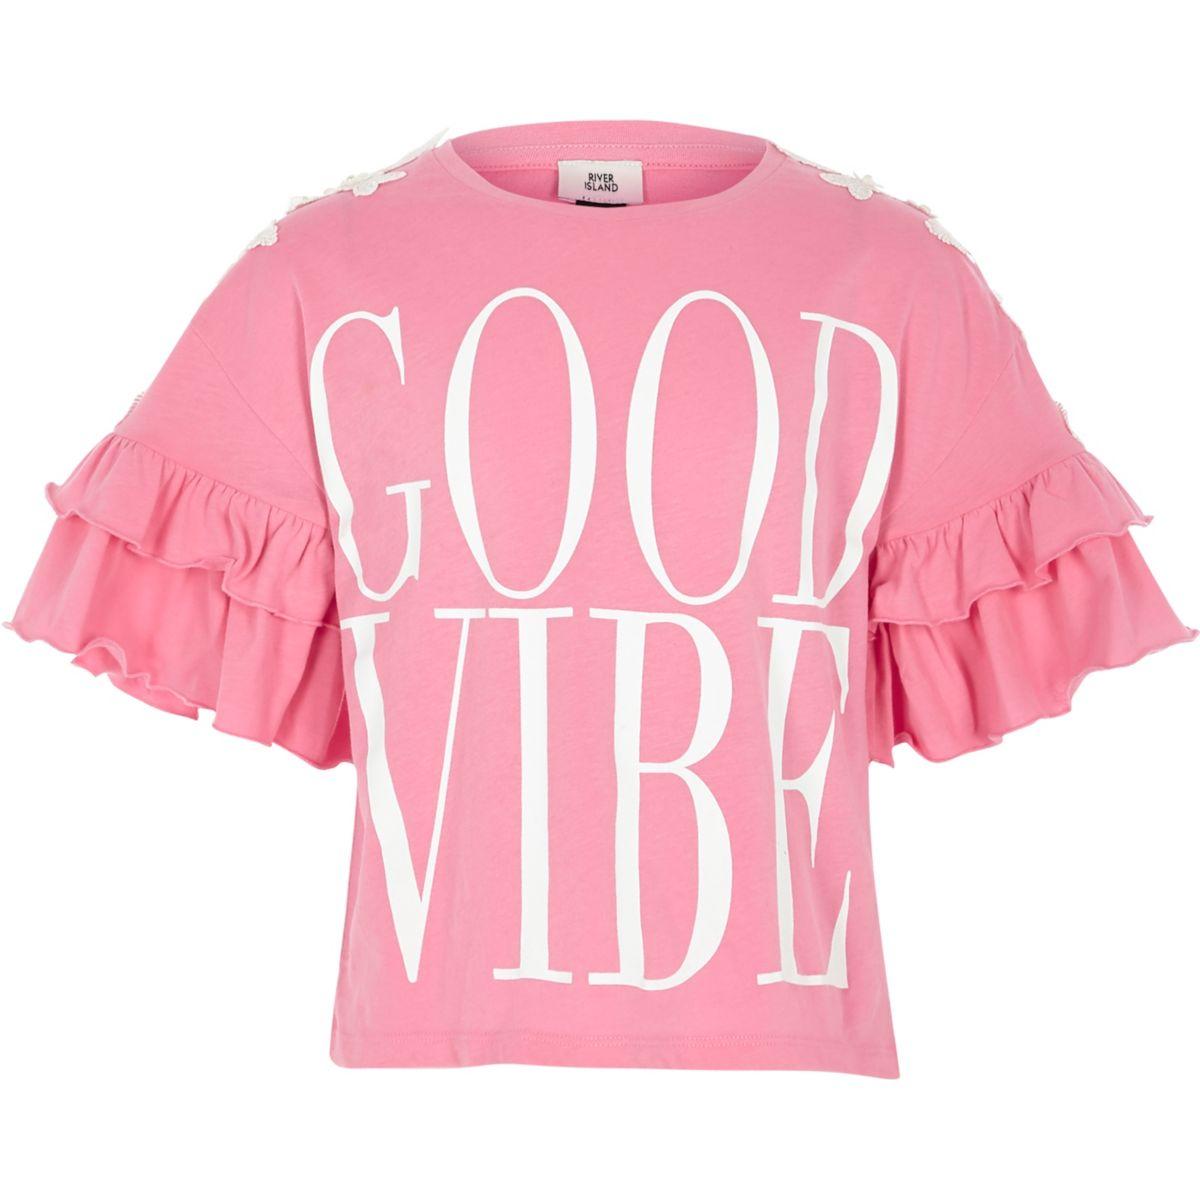 T-shirt « Good vibe » rose à volants pour fille